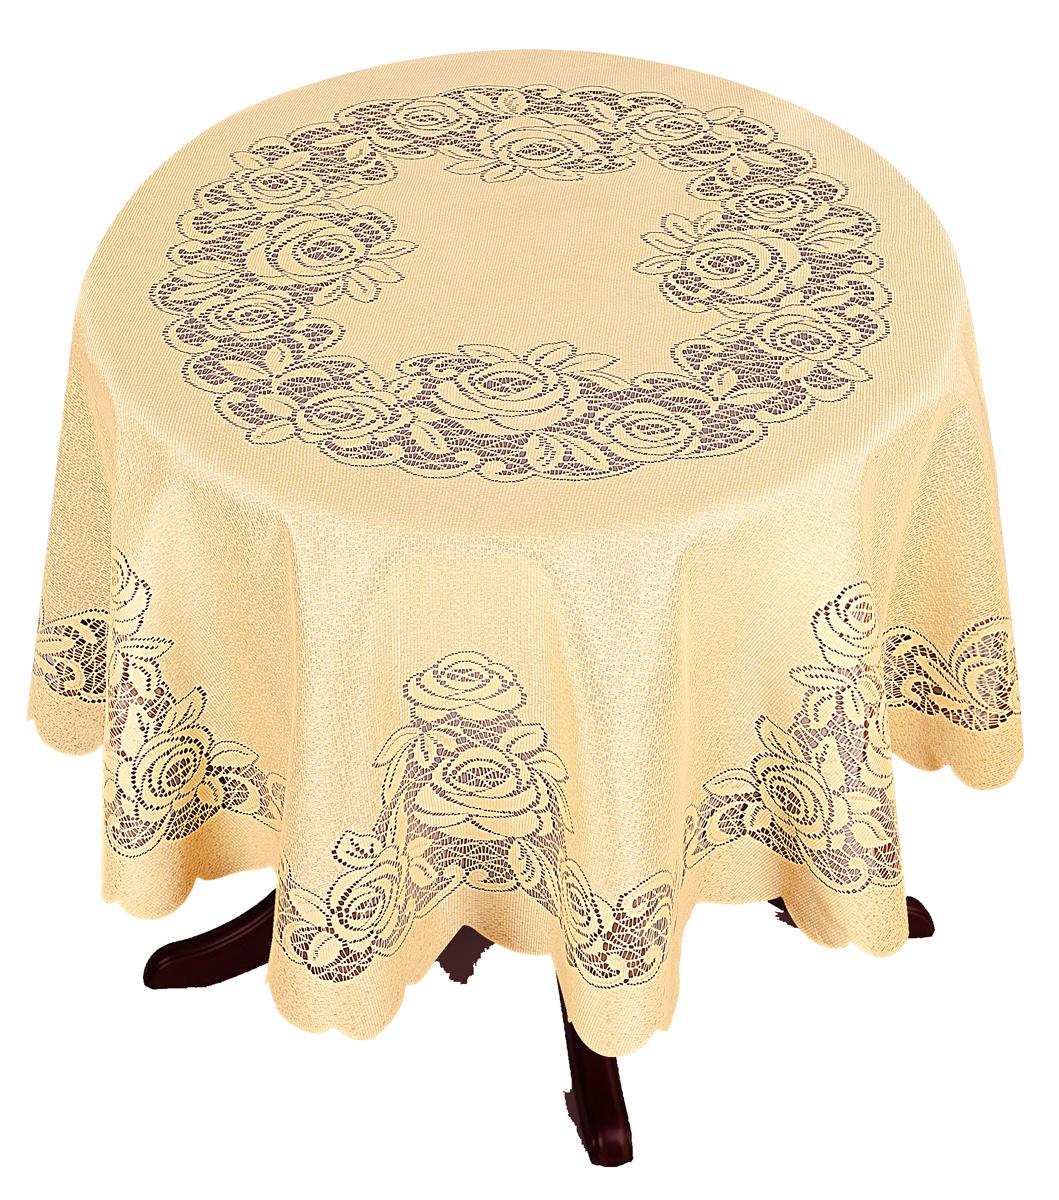 Скатерть Zlata Korunka, круглая, цвет: золотистый, диаметр 175 см80009Великолепная скатерть Zlata Korunka, выполненная из полиэстера, органично впишется в интерьер любого помещения, а оригинальный дизайн удовлетворит даже самый изысканный вкус. Она создаст праздничное настроение и станет прекрасным дополнением интерьера гостиной, кухни или столовой.